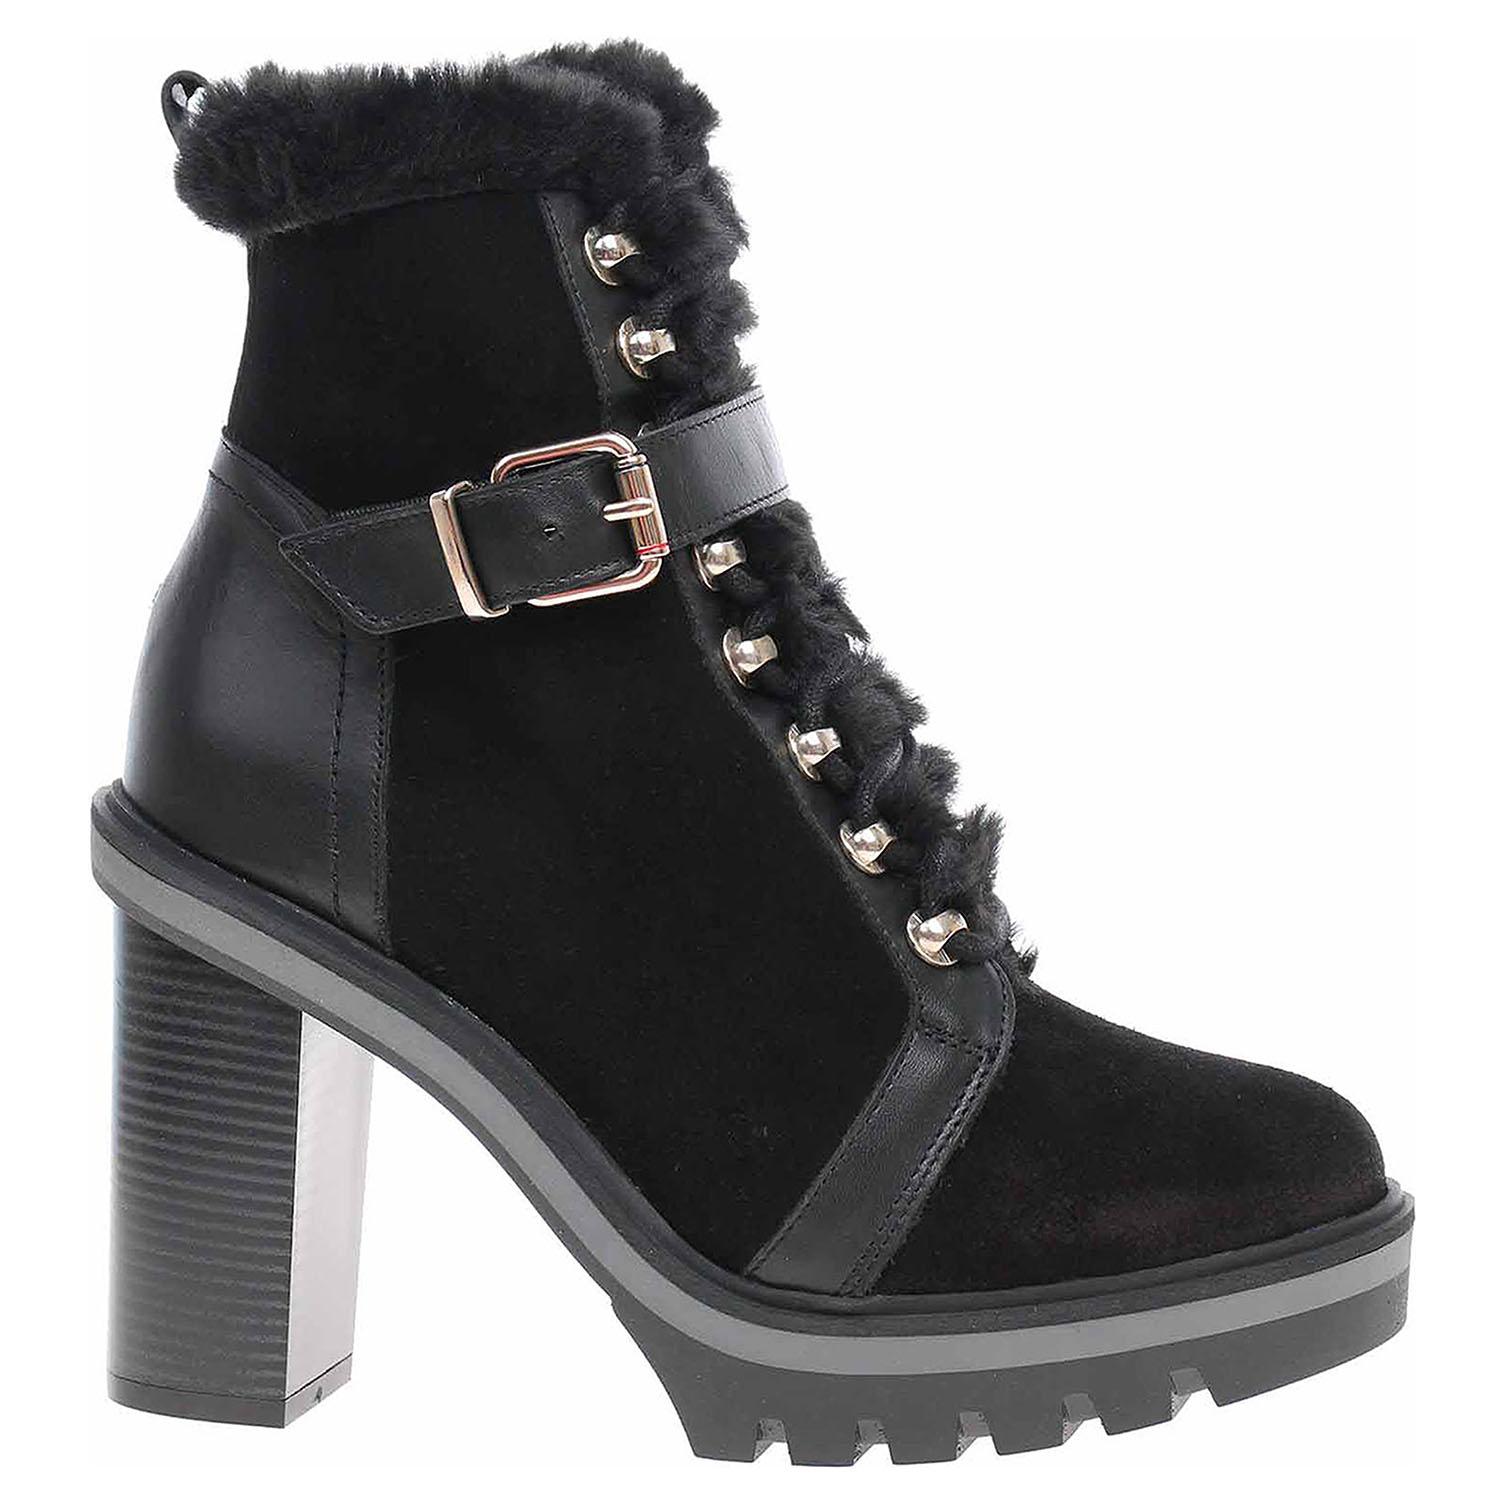 Dámská kotníková obuv Tommy Hilfiger FW0FW05187 BDS black FW0FW05187 BDS 39